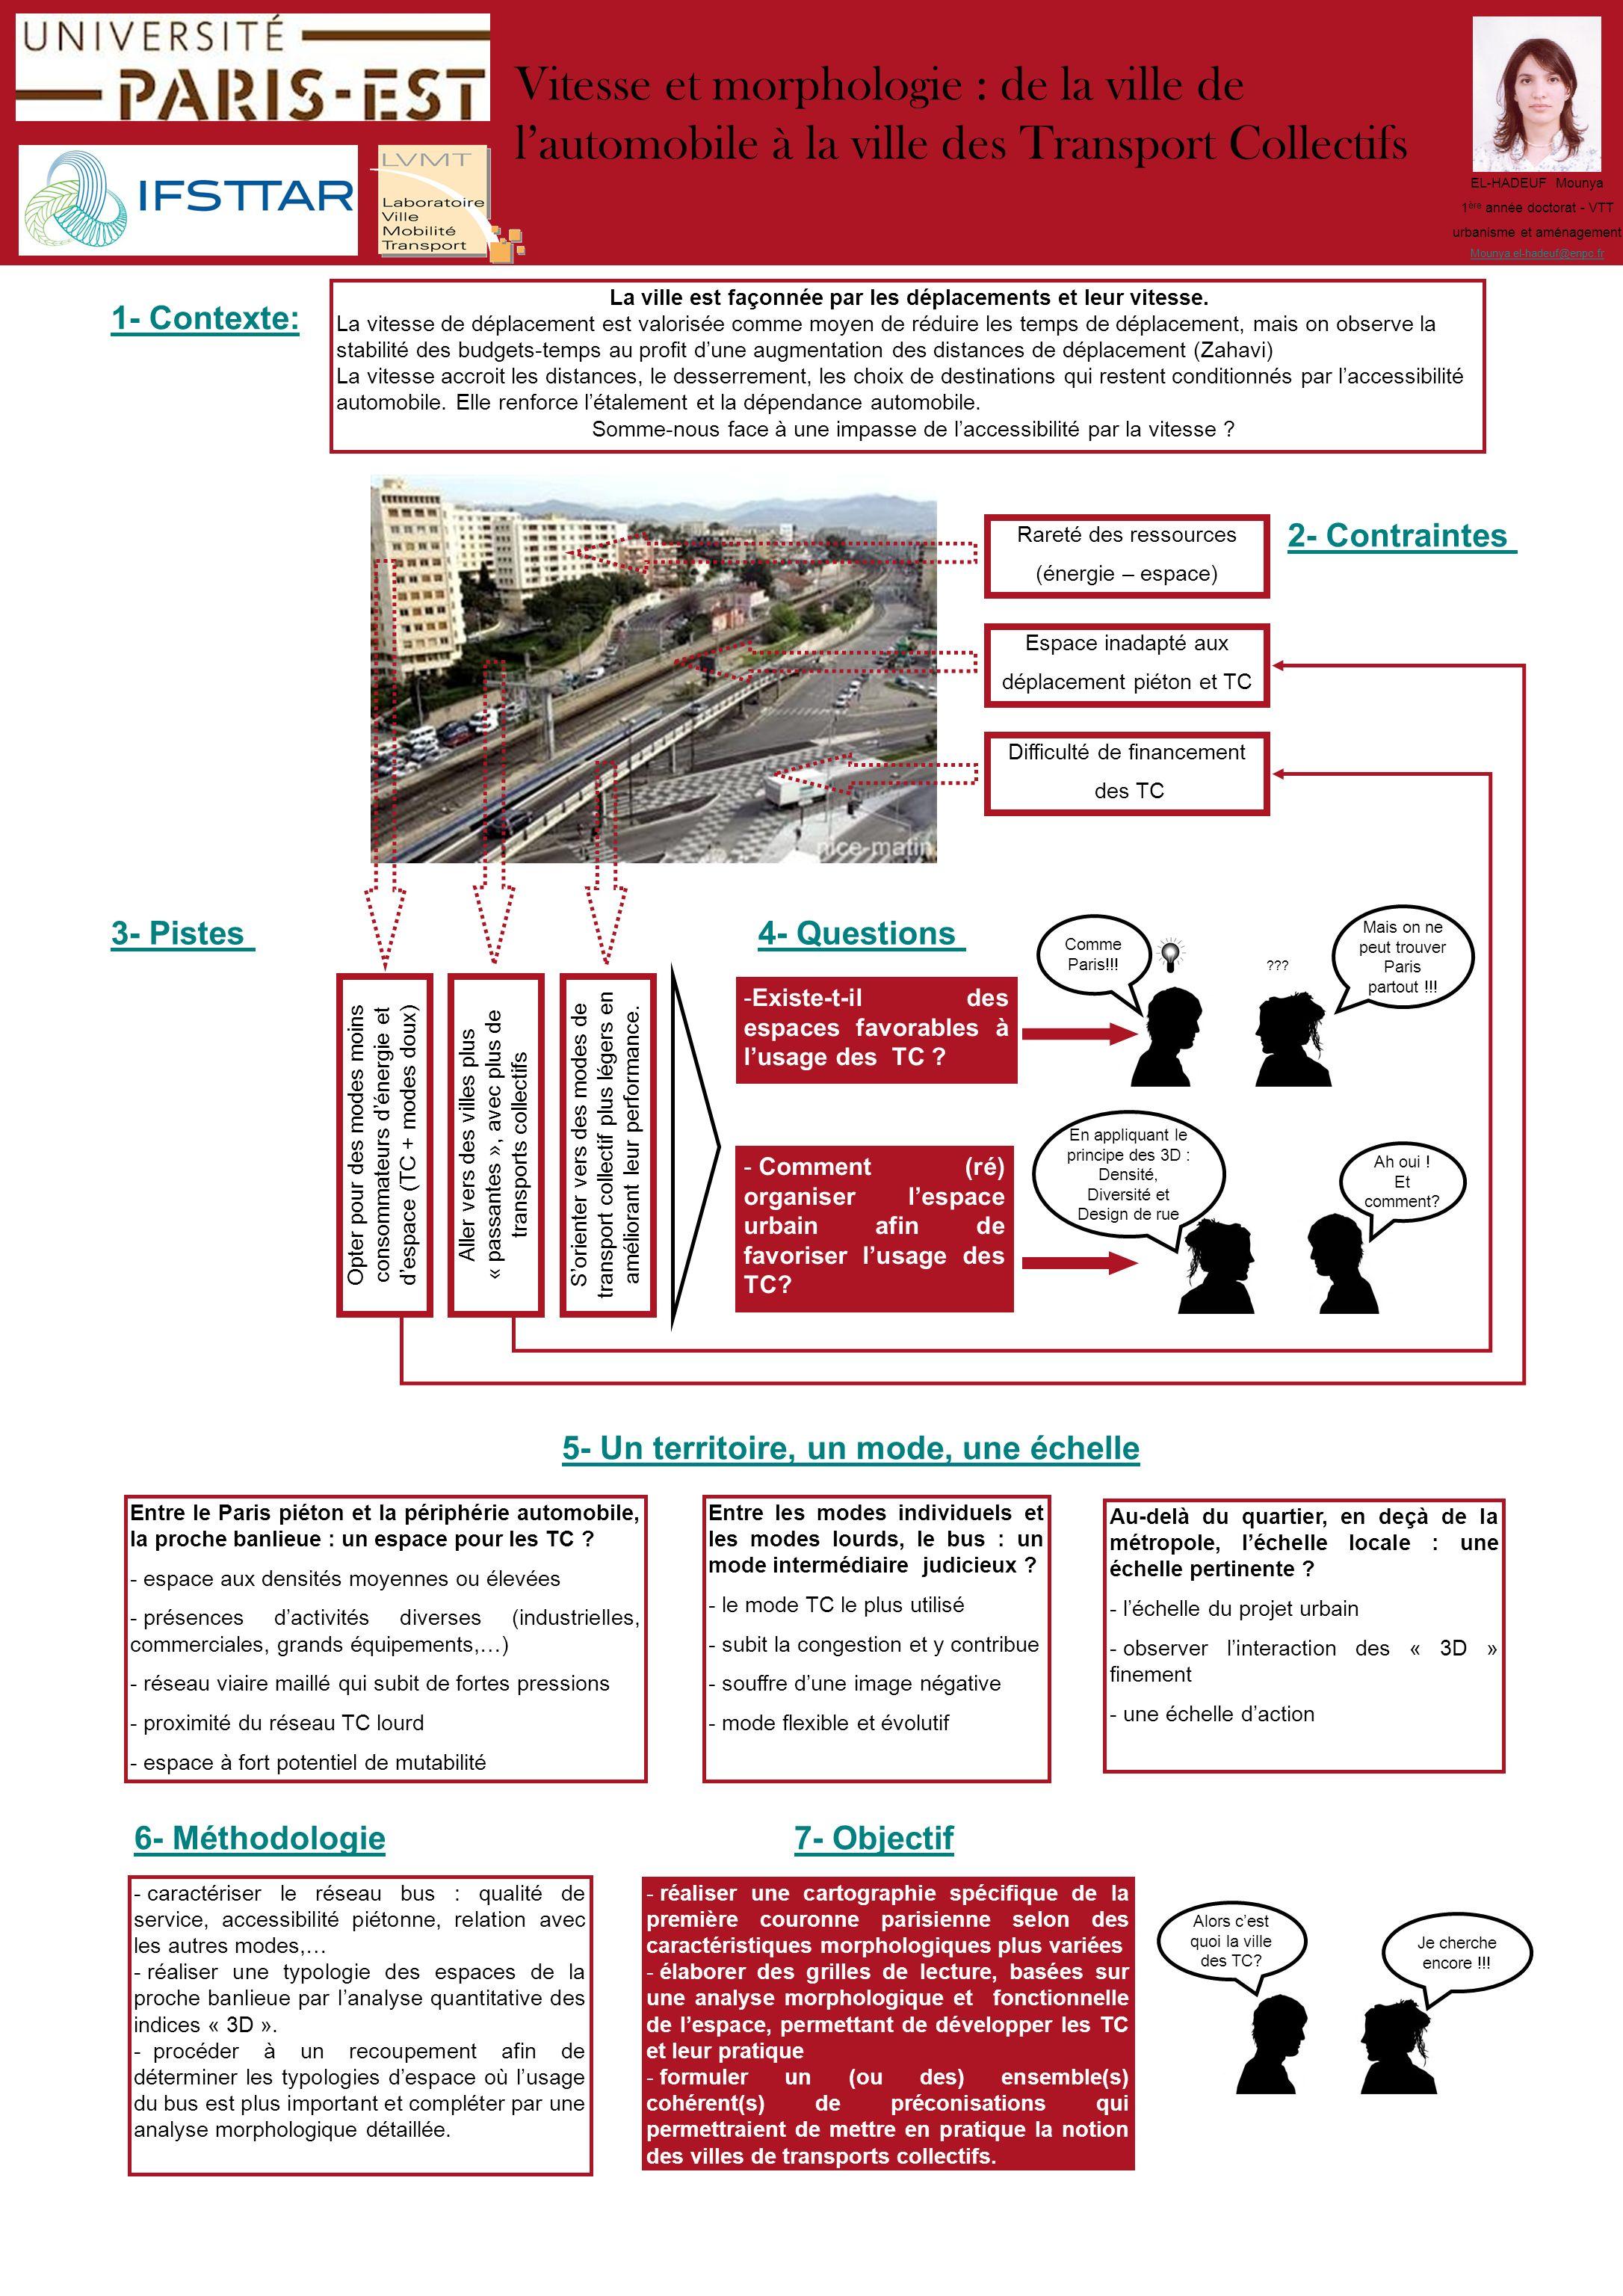 EL-HADEUF Mounya 1 ère année doctorat - VTT urbanisme et aménagement Mounya.el-hadeuf@enpc.fr Vitesse et morphologie : de la ville de lautomobile à la